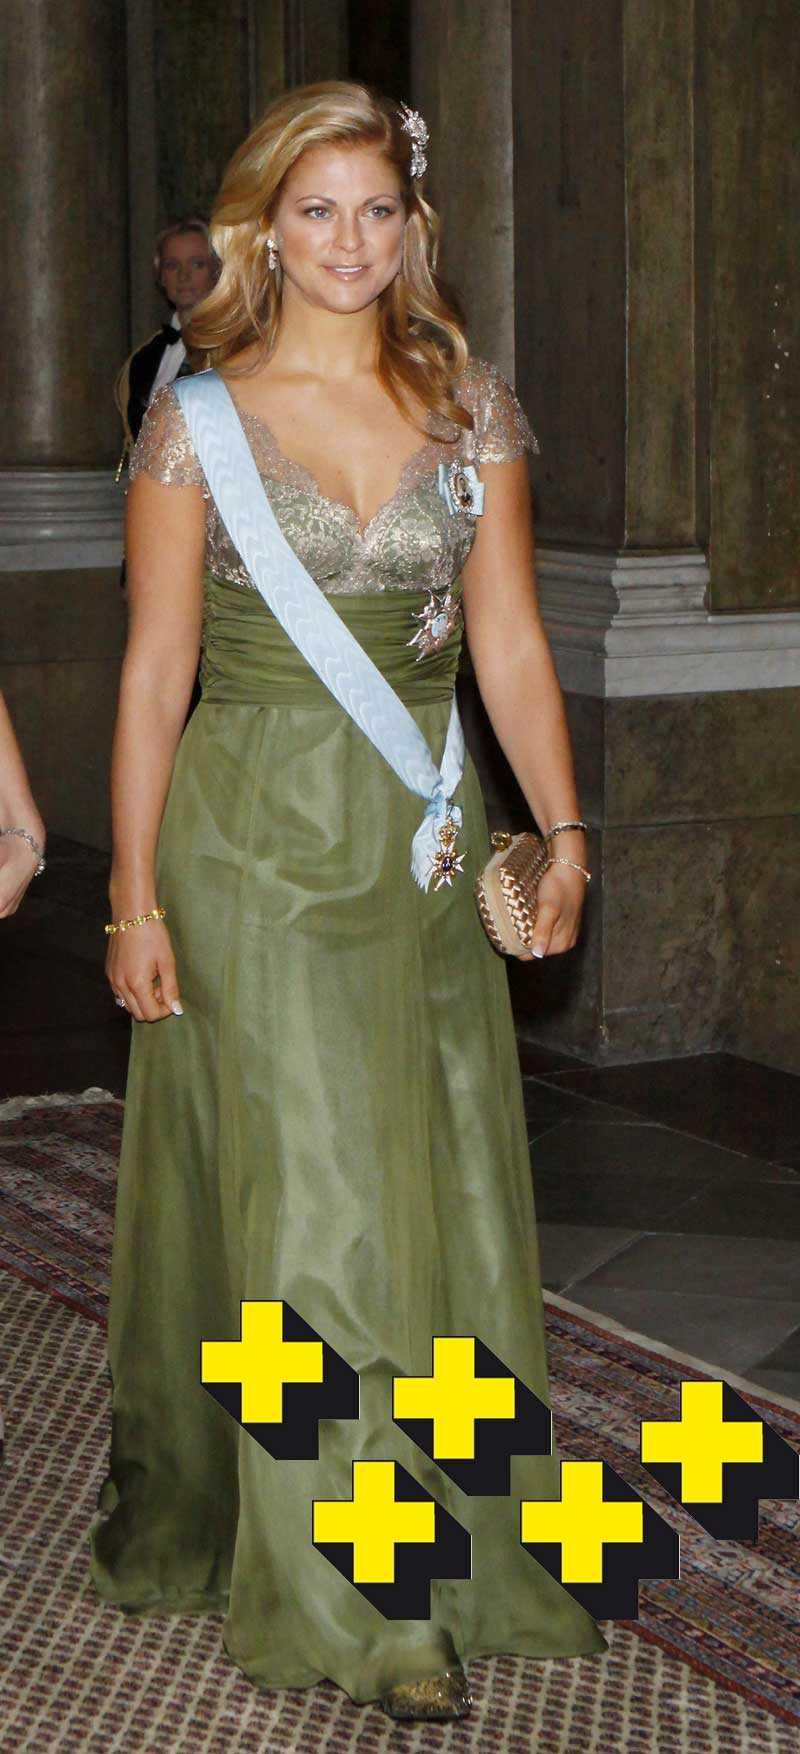 2008, andra dagen: Madde, så läckert!! Den gröna färgen är perfekt för henne, hennes hy och ögon fullständigt poppar ut! Läckert med en enkel frisyr och snygga smycken i håret. Broderierna är så vackra och livet runt midjan ger klänningen en fantastisk form.